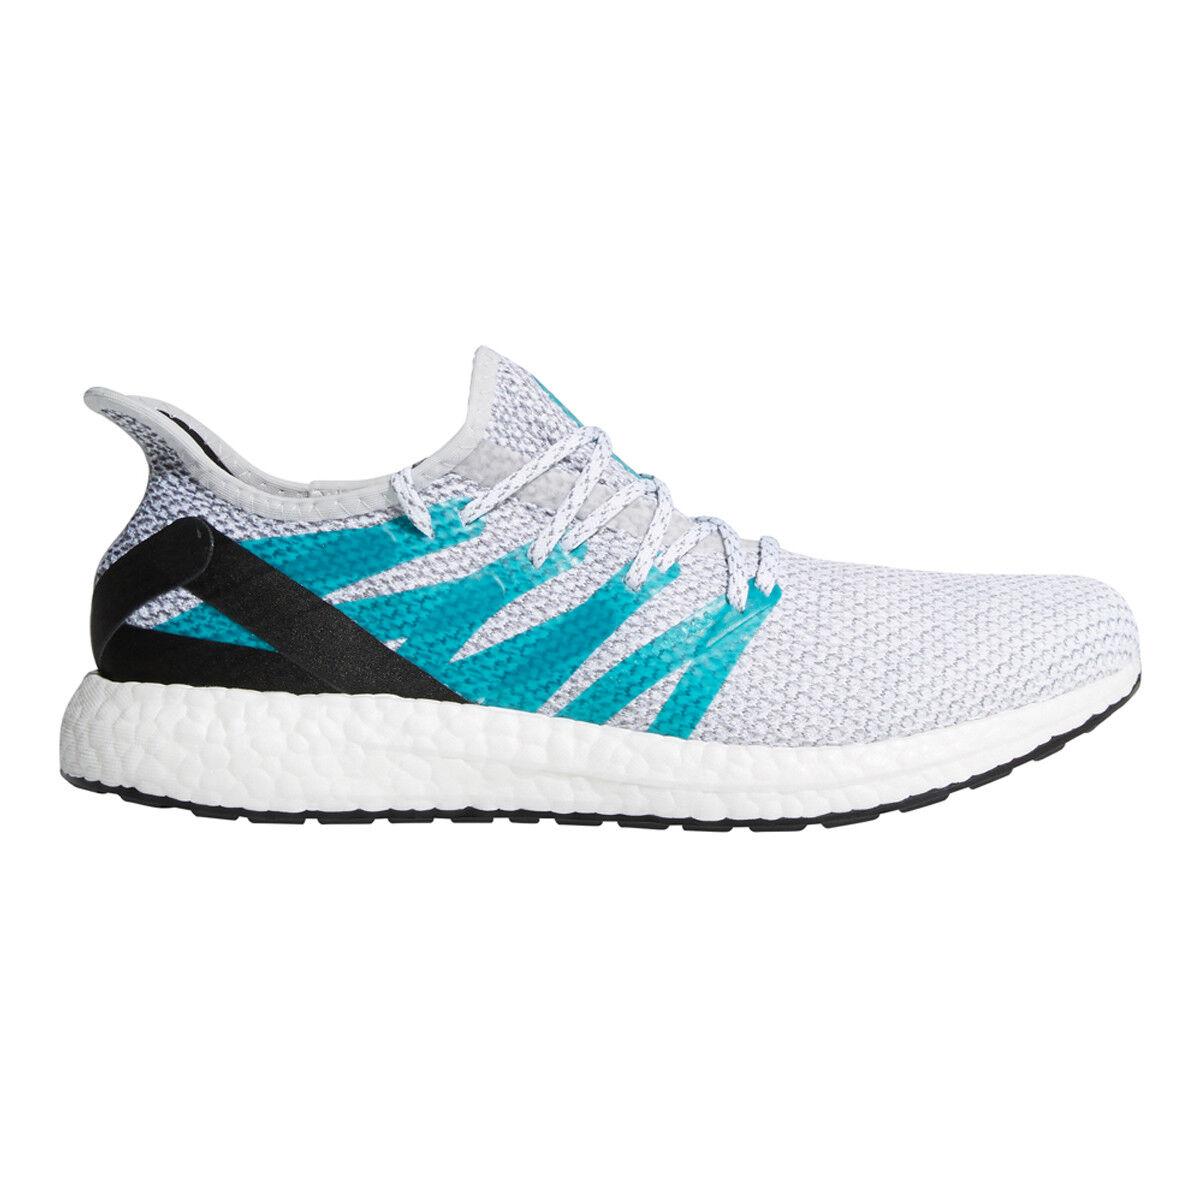 Adidas Zapatillas de reducción running hombre am4ldn speedfactory reducción de del precio de g26603 listas @ reducción de precio 81b4fa